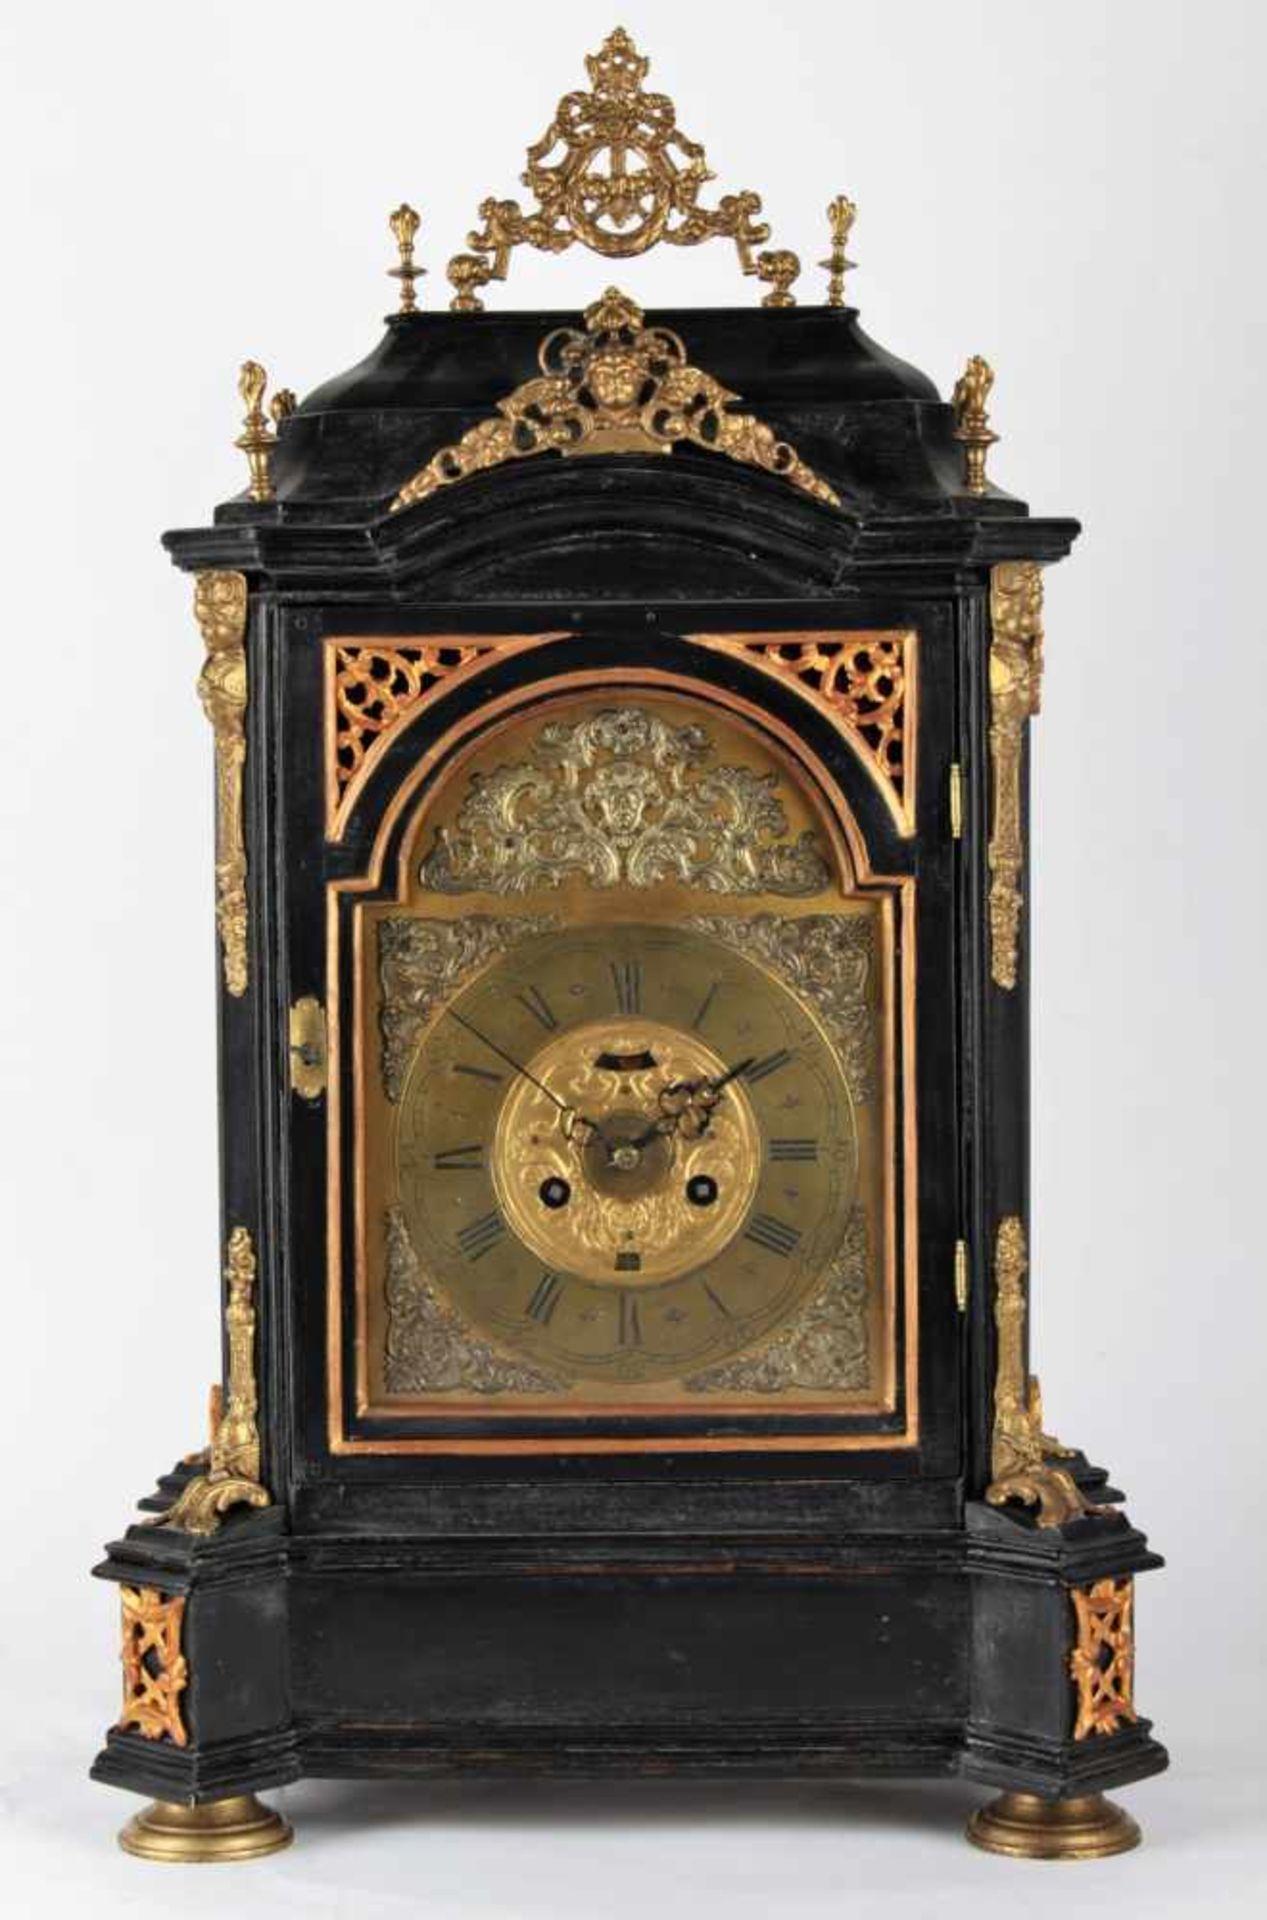 Los 22 - Large baroque table clock Stredni Evropa, pravdepodobne Cechy, 1. polovina 18. stoleti,